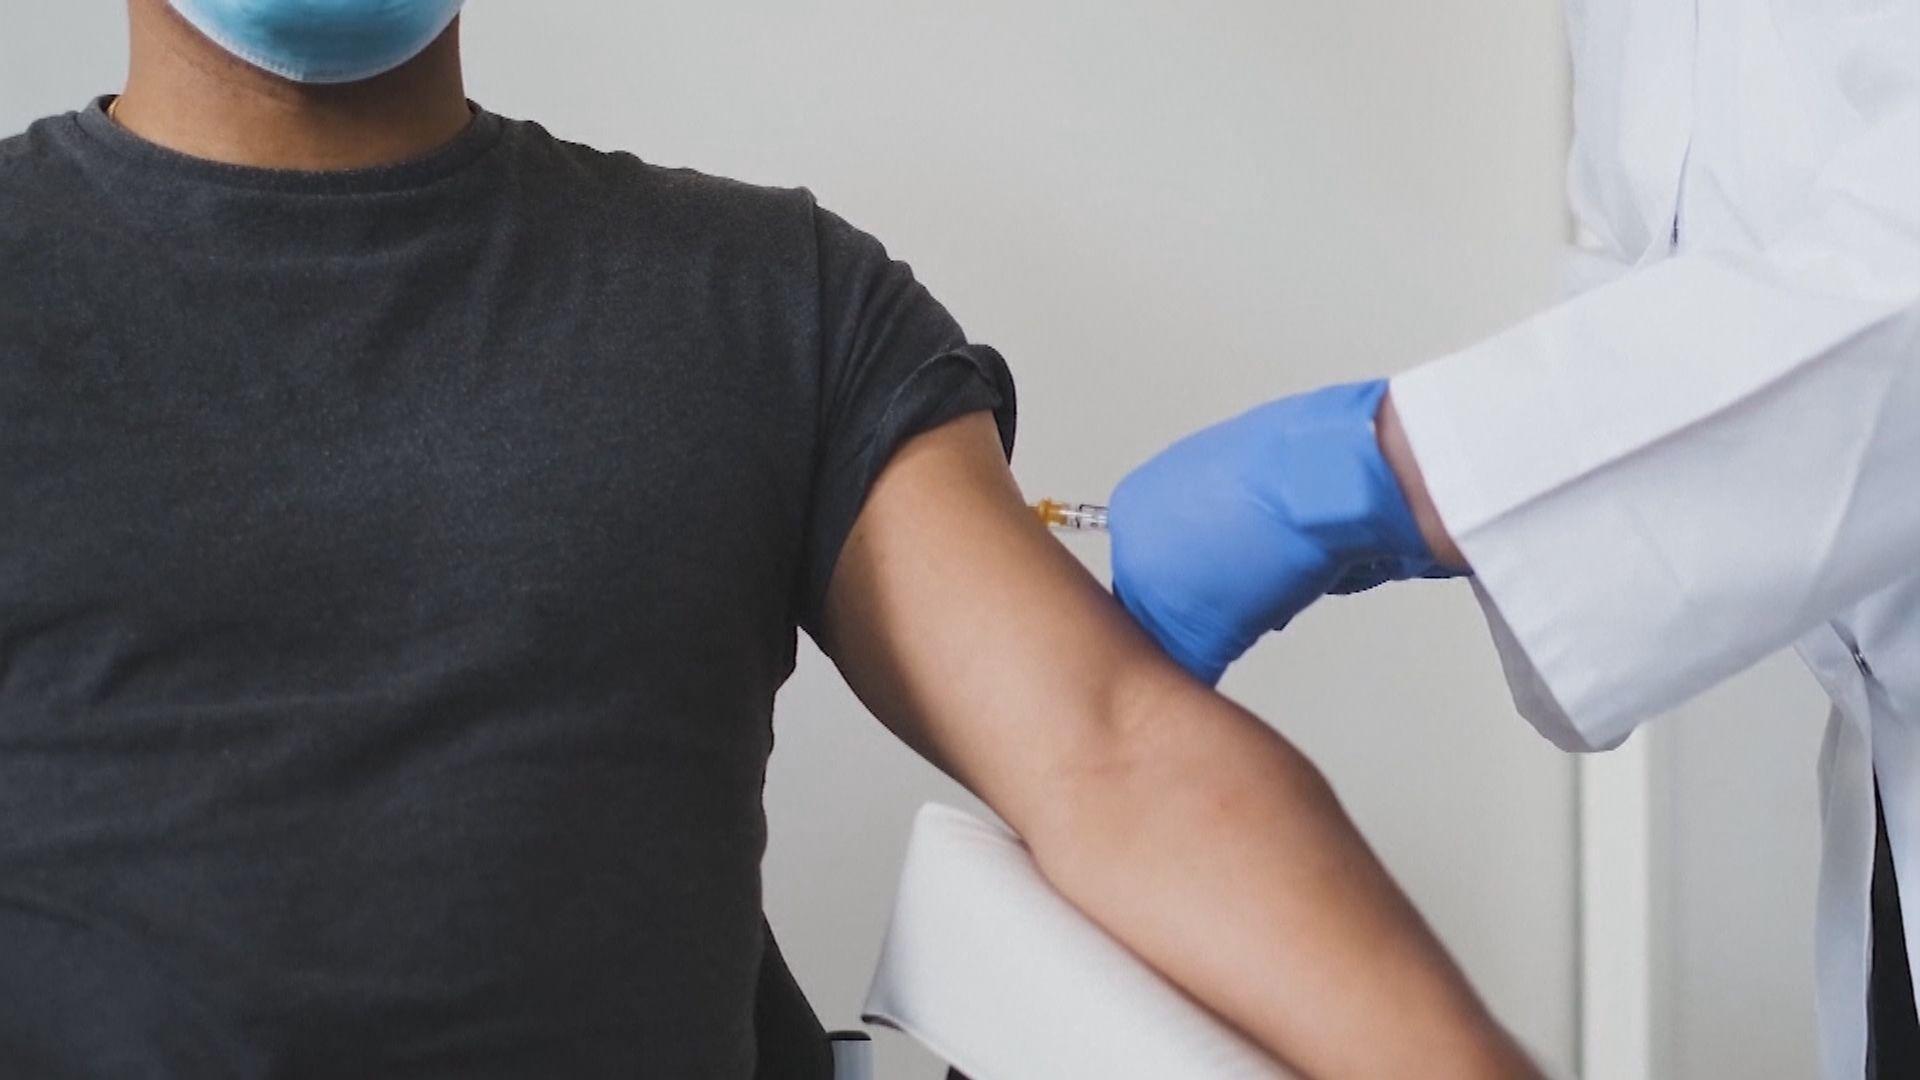 英下周起為高風險人士接種新冠疫苗 約翰遜:不會強制民眾接種